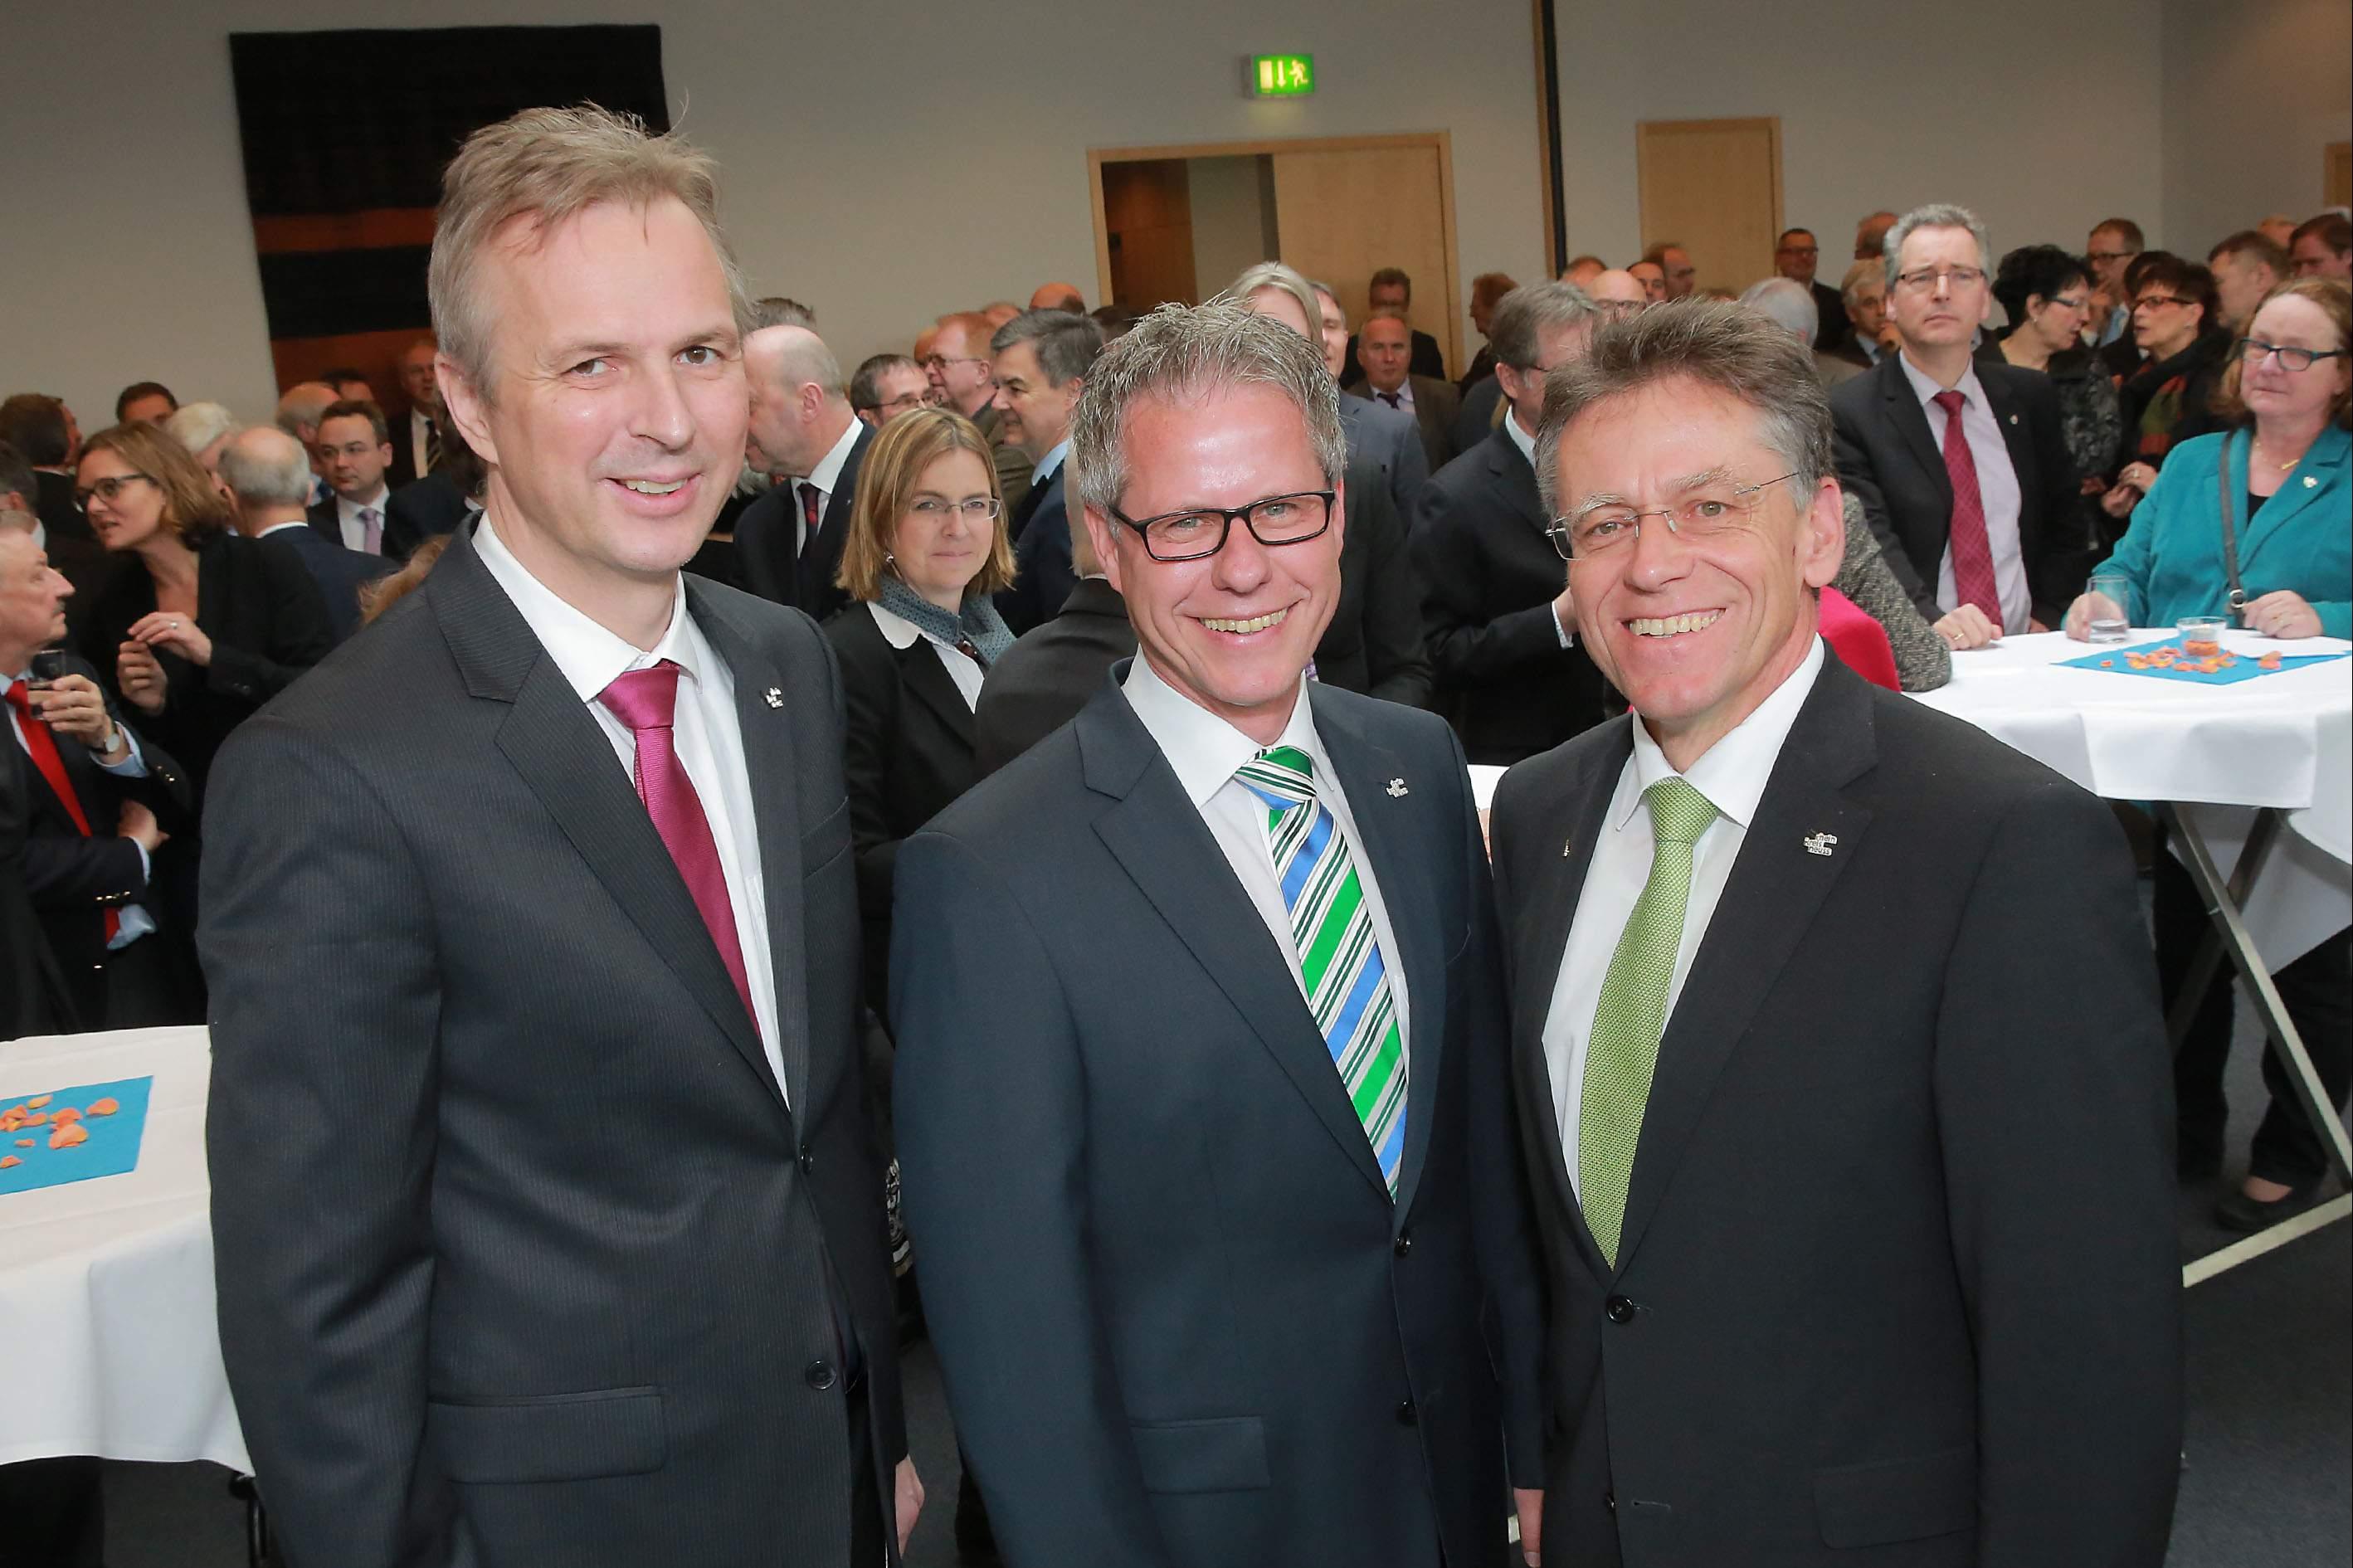 (v.l.)Dirk Brügge, Jürgen Steinmetz und Landrat Hans-Jürgen Petrauschke. (Foto: A. Baum/Rhein-Kreis Neuss)